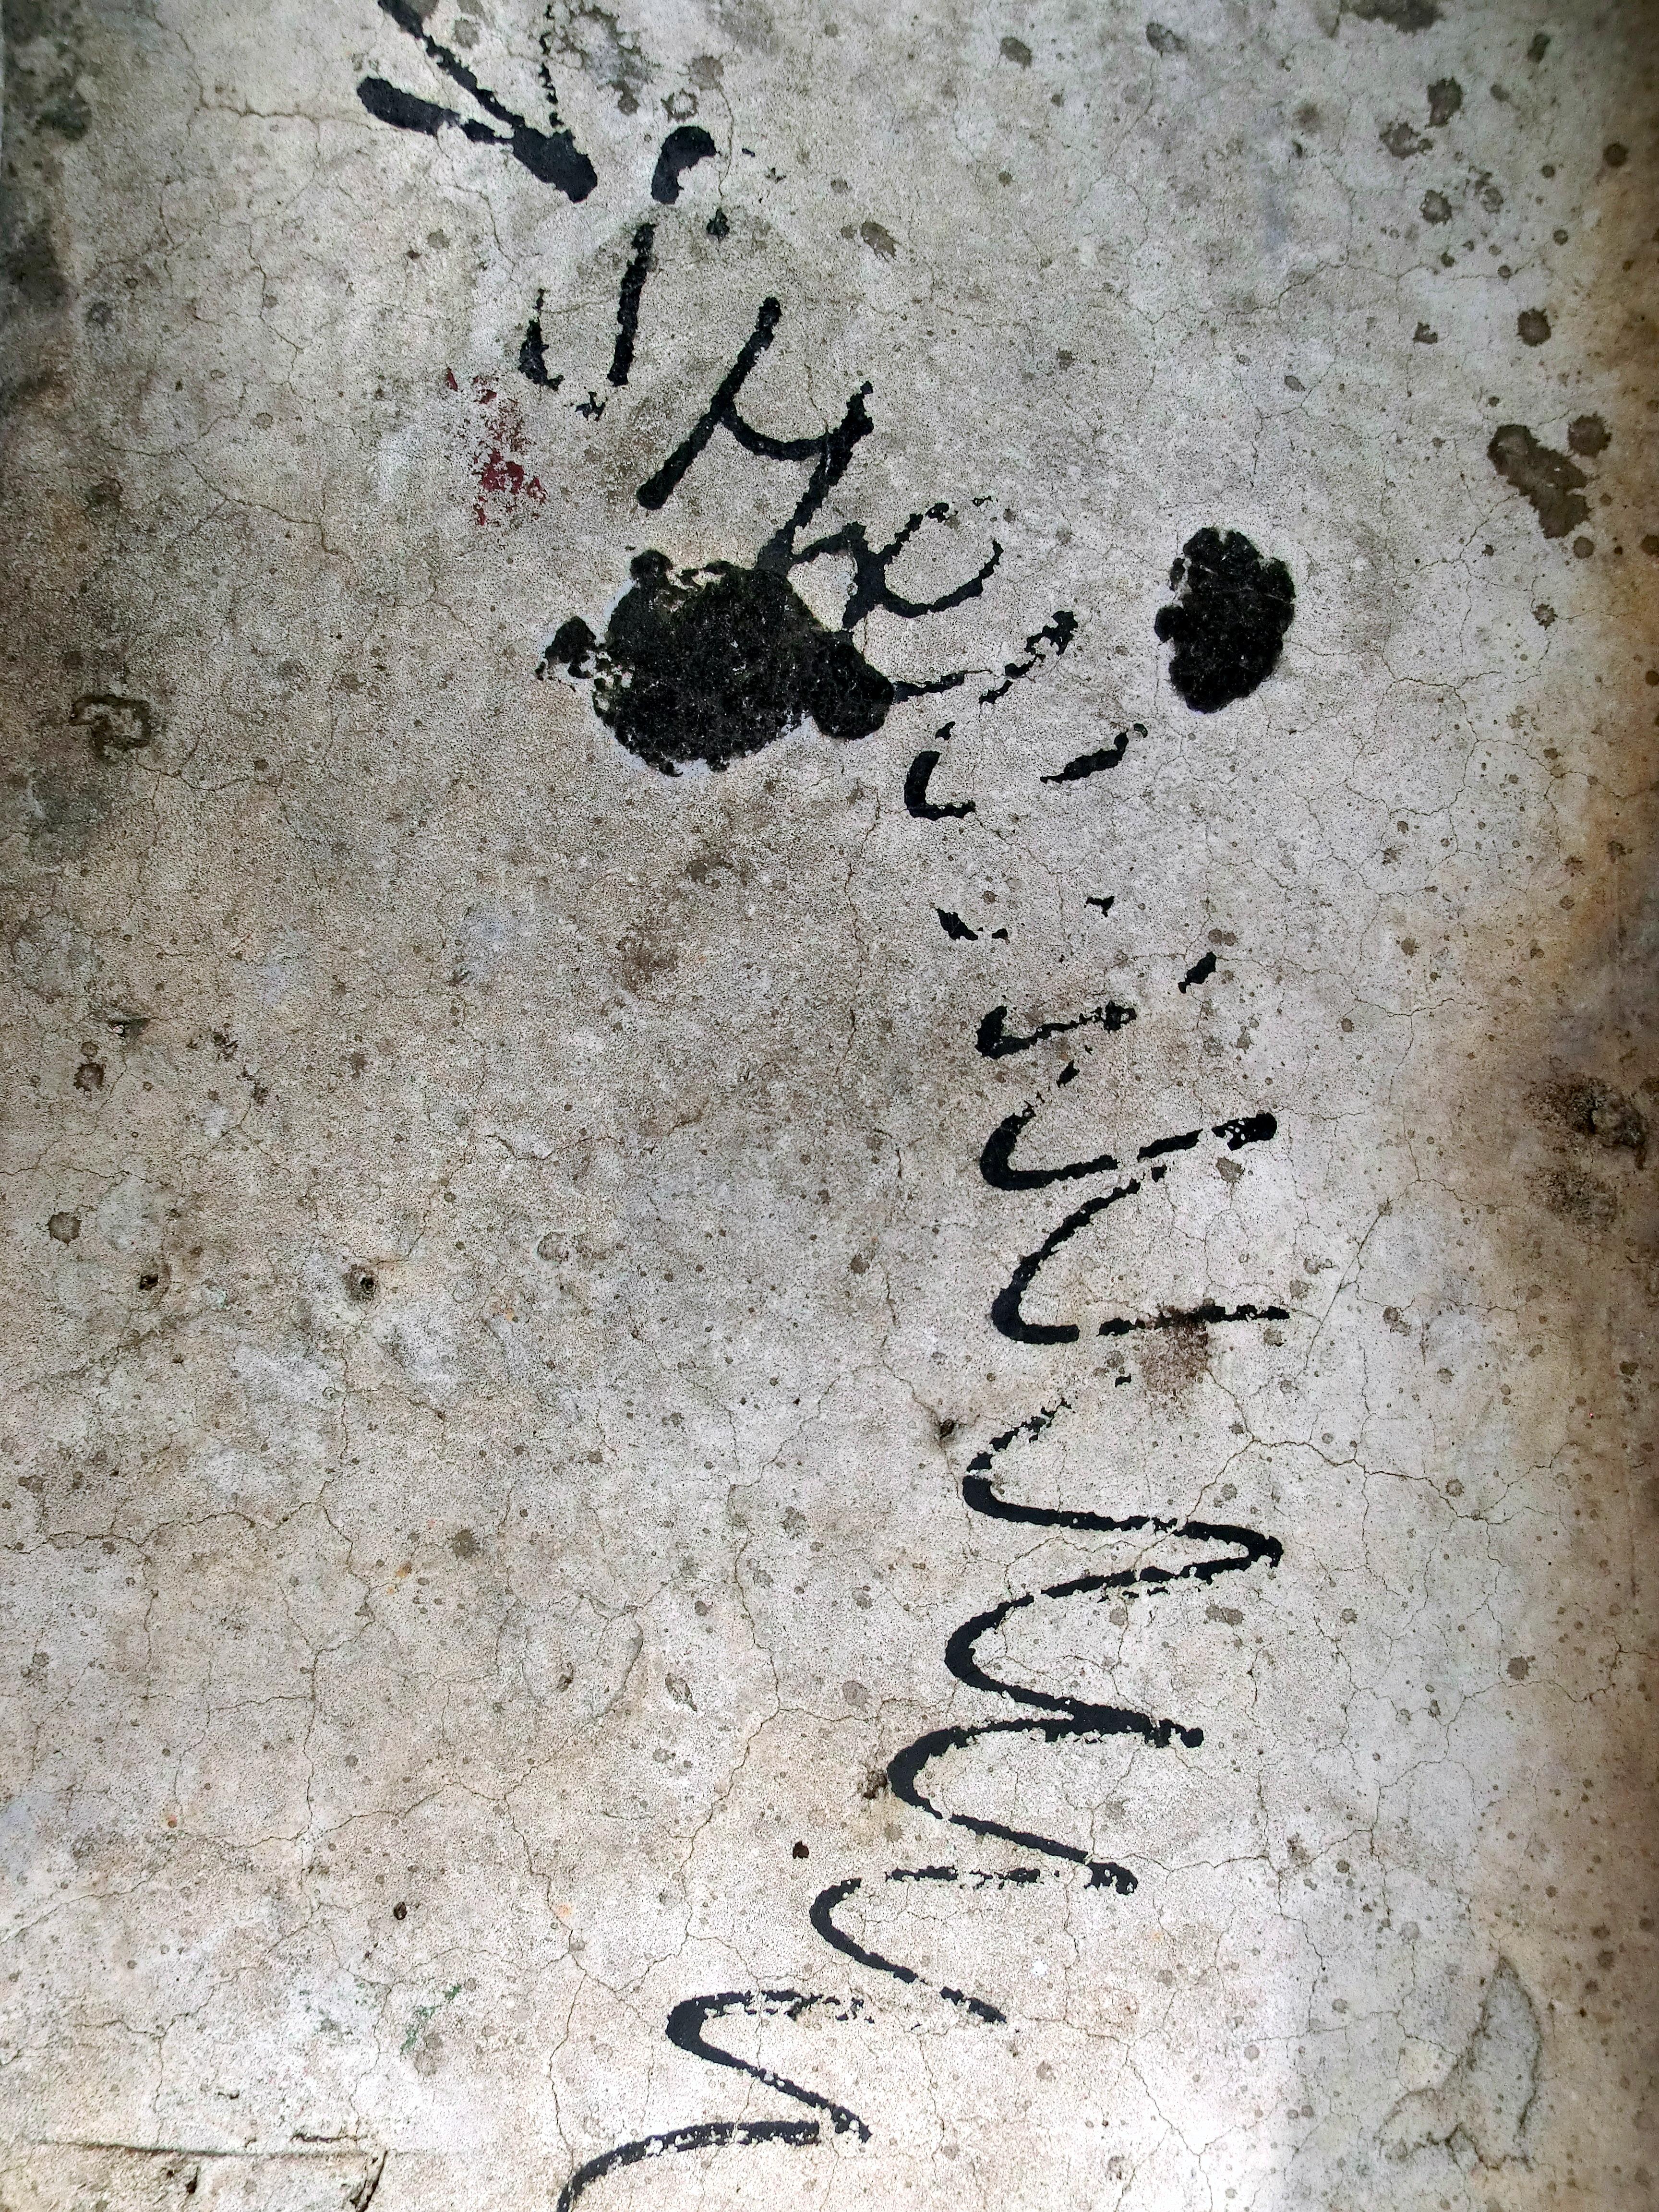 השד השמאלי - איורה מופשט